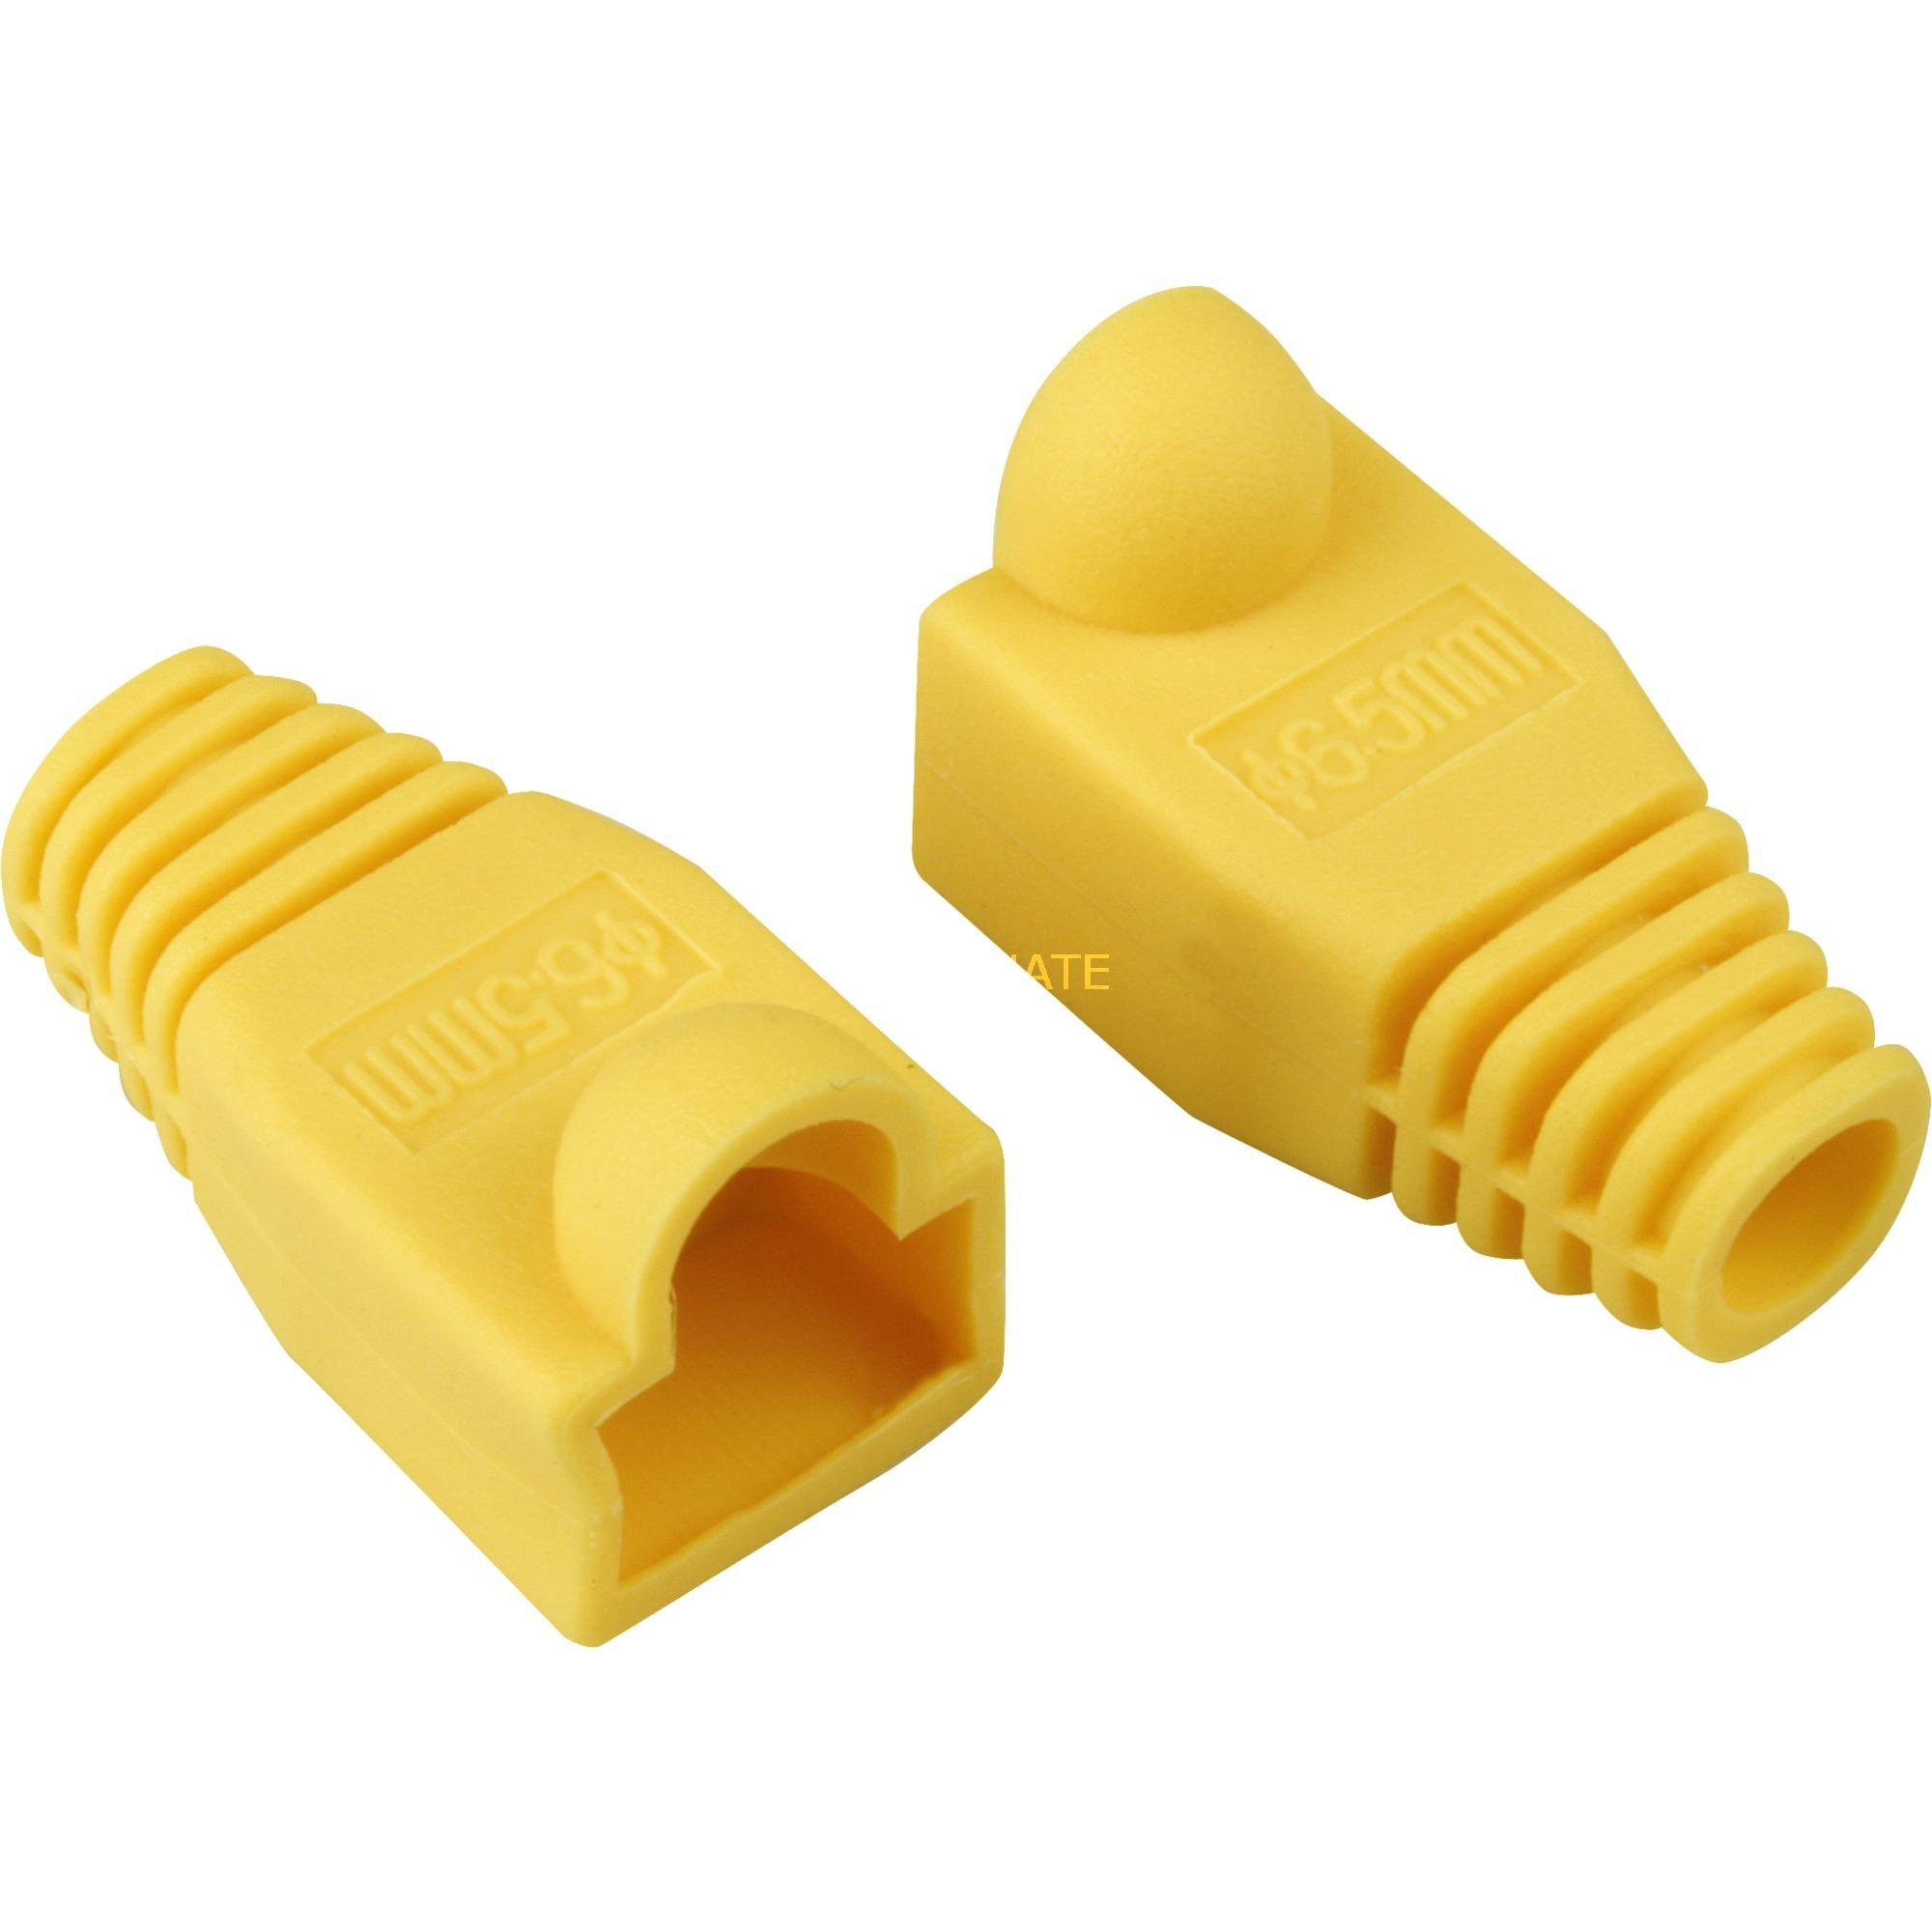 Strain relief boot for RJ45 plugs abrazadera para cable Amarillo, Doble protección